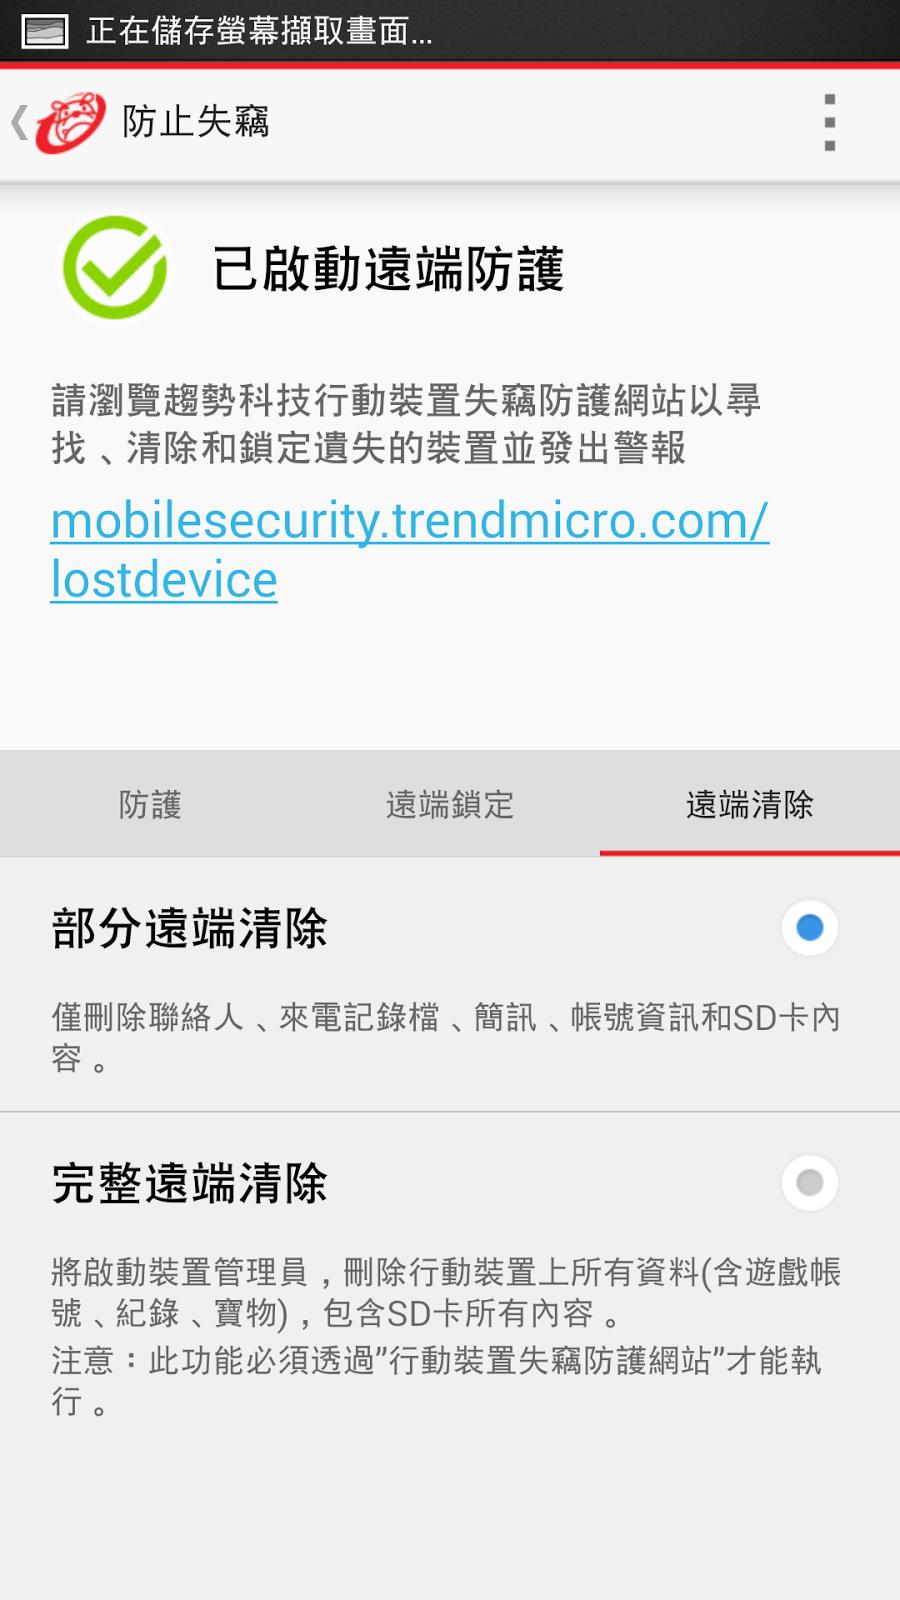 簡訊詐騙中毒怎麼辦?趨勢科技安全達人手機防騙防毒App